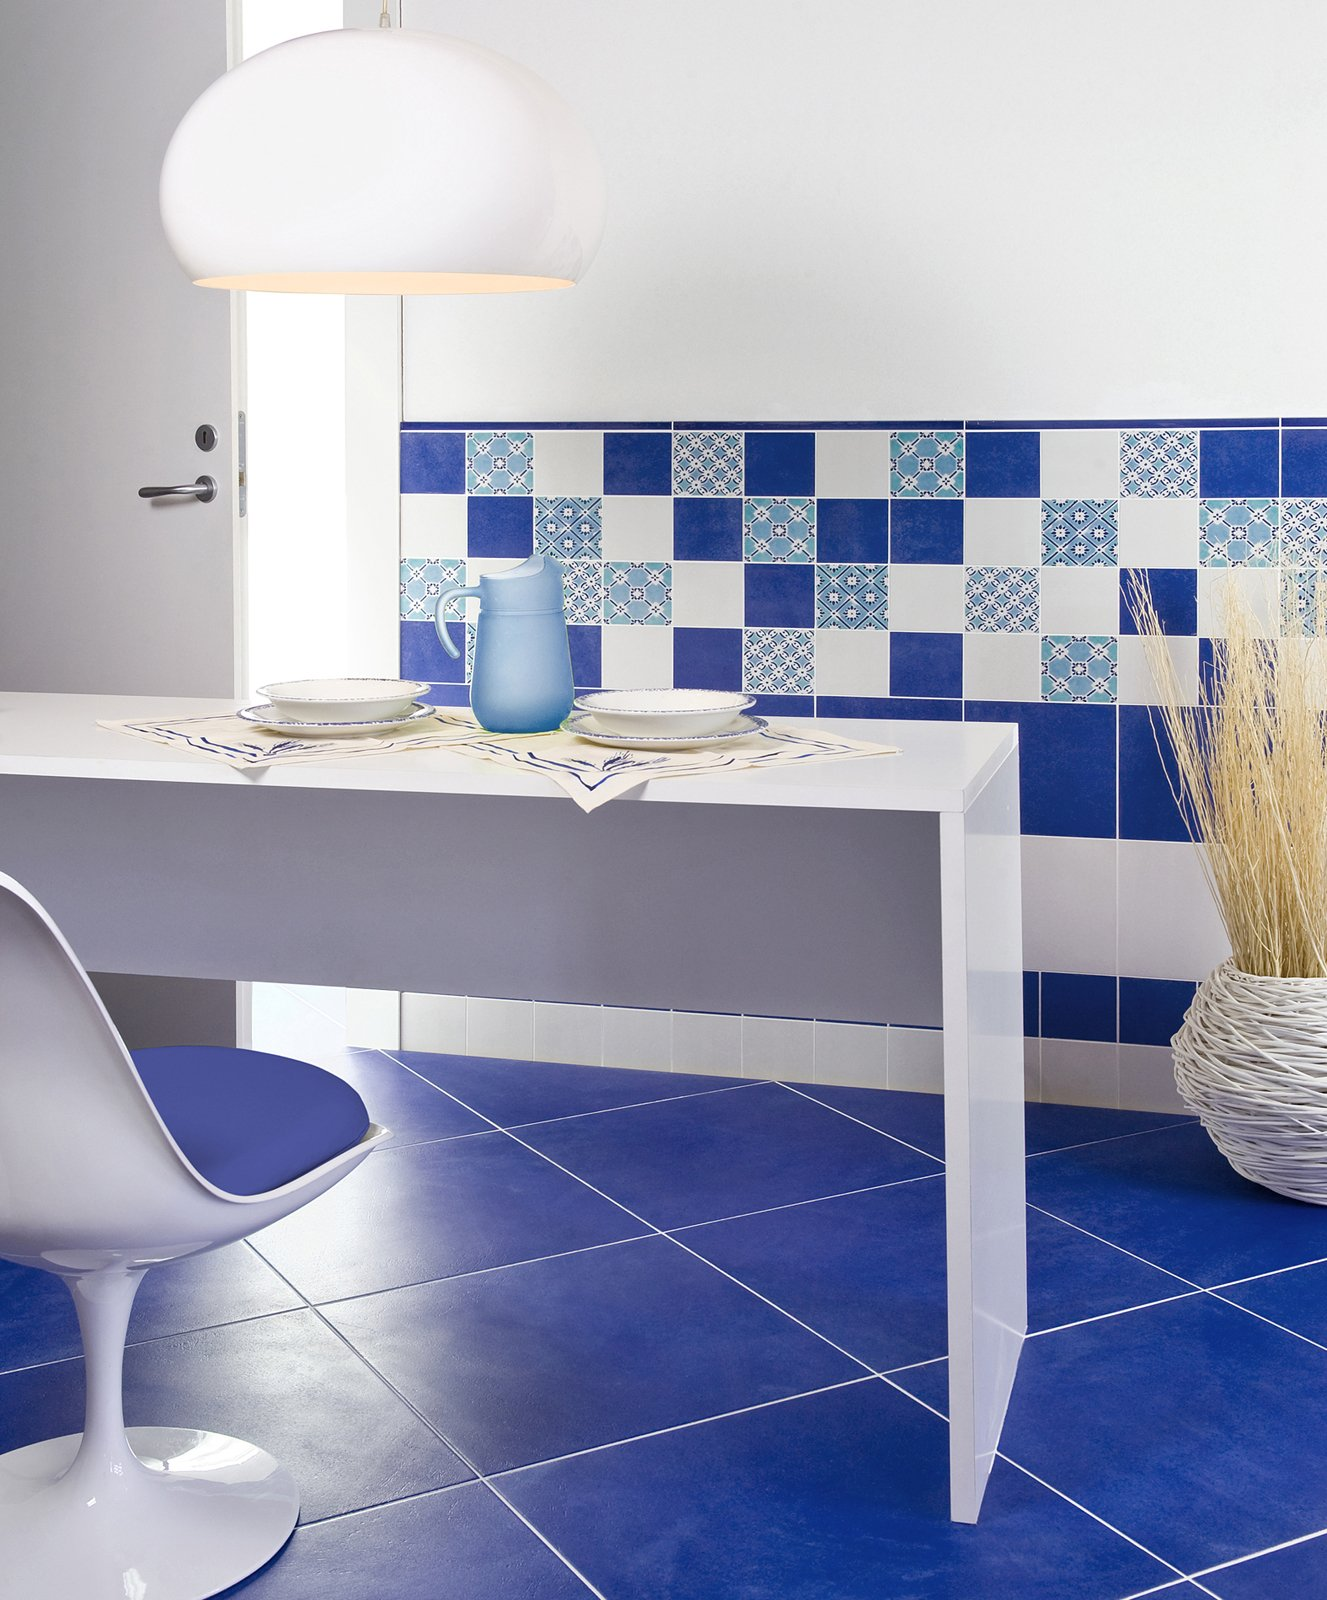 Cucina piastrelle per le pareti cose di casa - Piastrelle cucina bianche ...